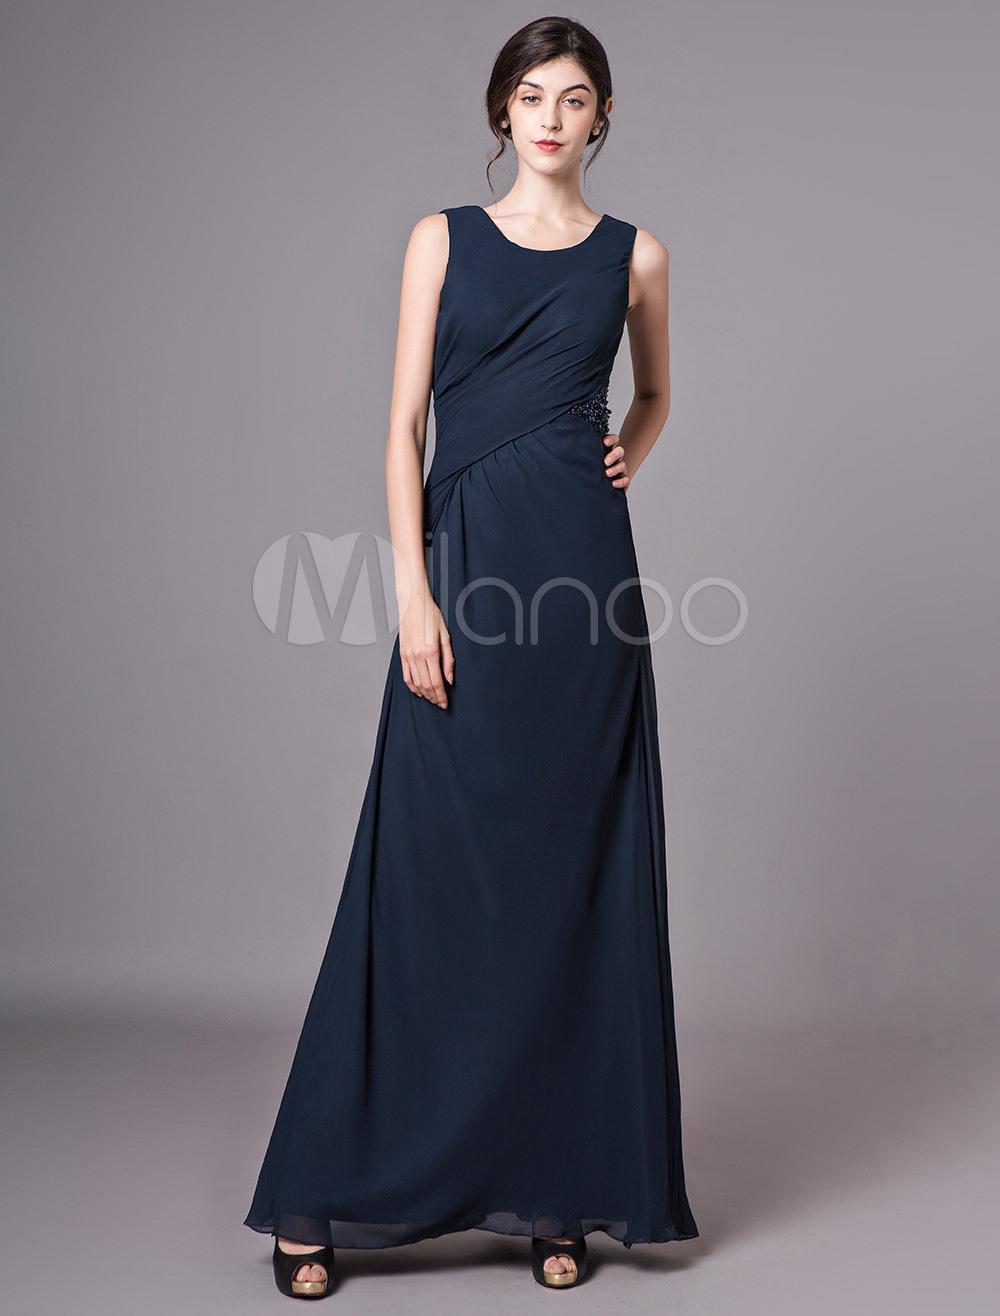 17 Luxurius Mango Abendkleid Stylish Einfach Mango Abendkleid Stylish